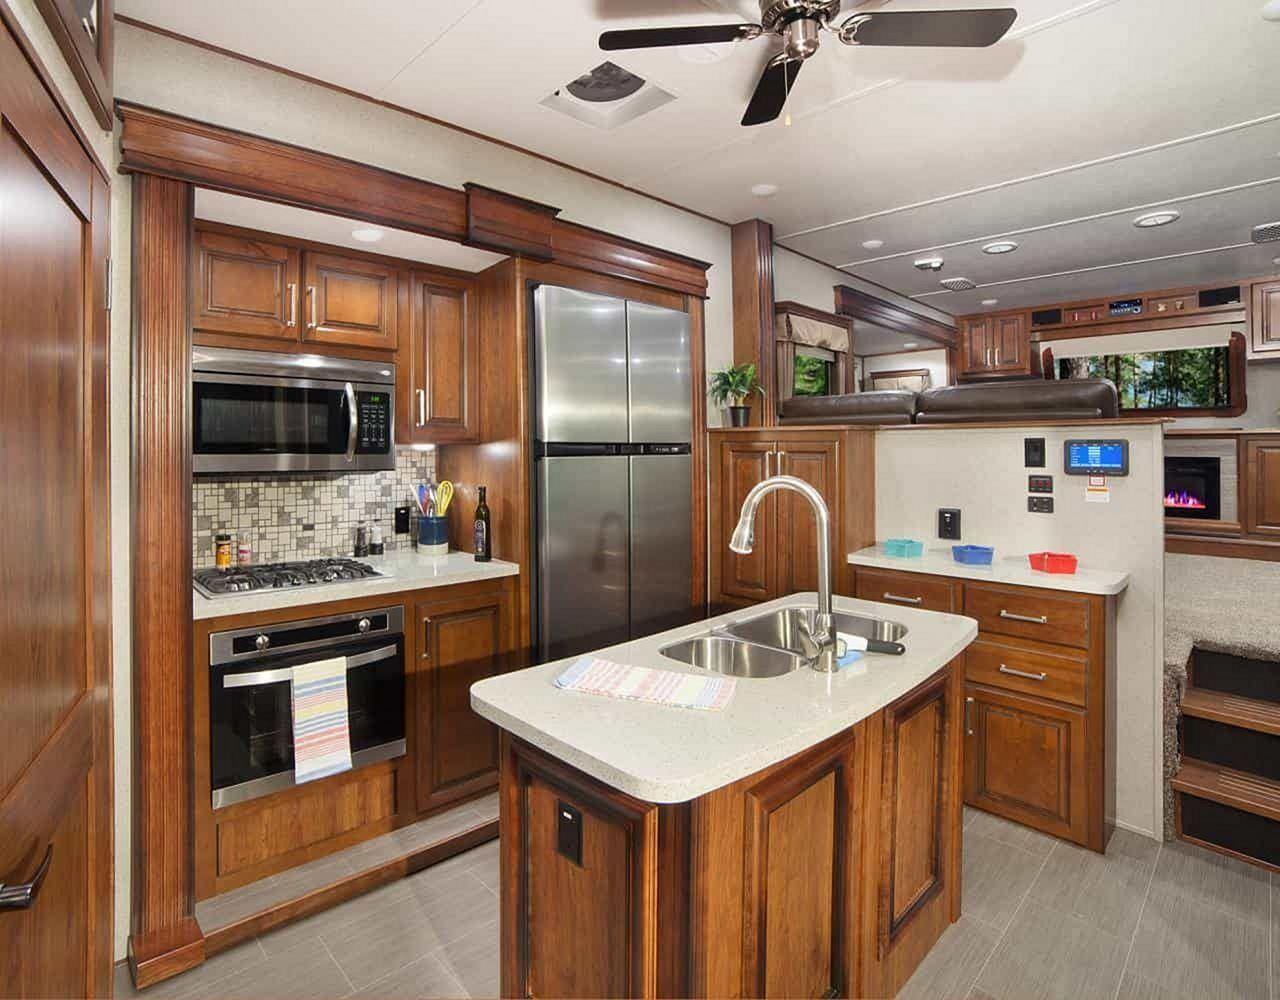 25 Awesome Rv Kitchen Storage Ideas For Best Kitchen